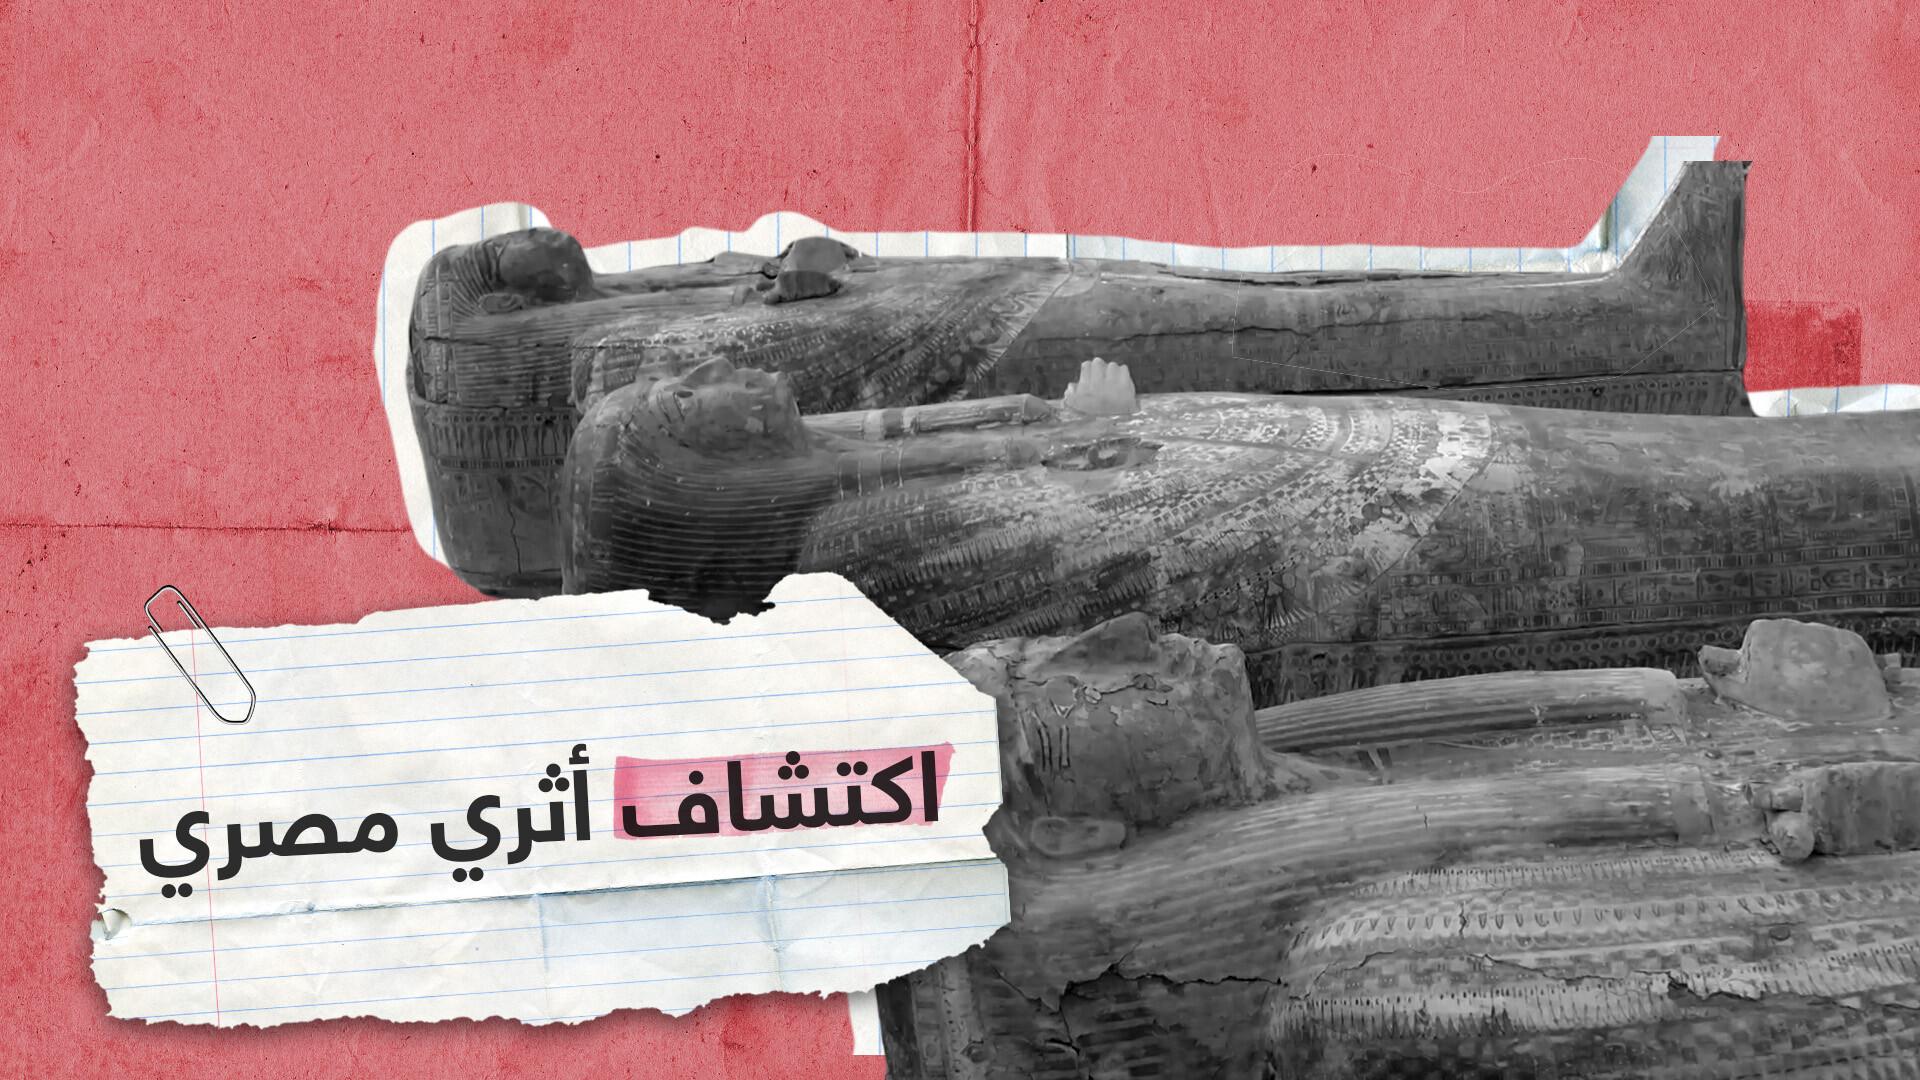 30 تابوتا.. قصة أكبر اكتشاف أثري في مصر منذ قرن